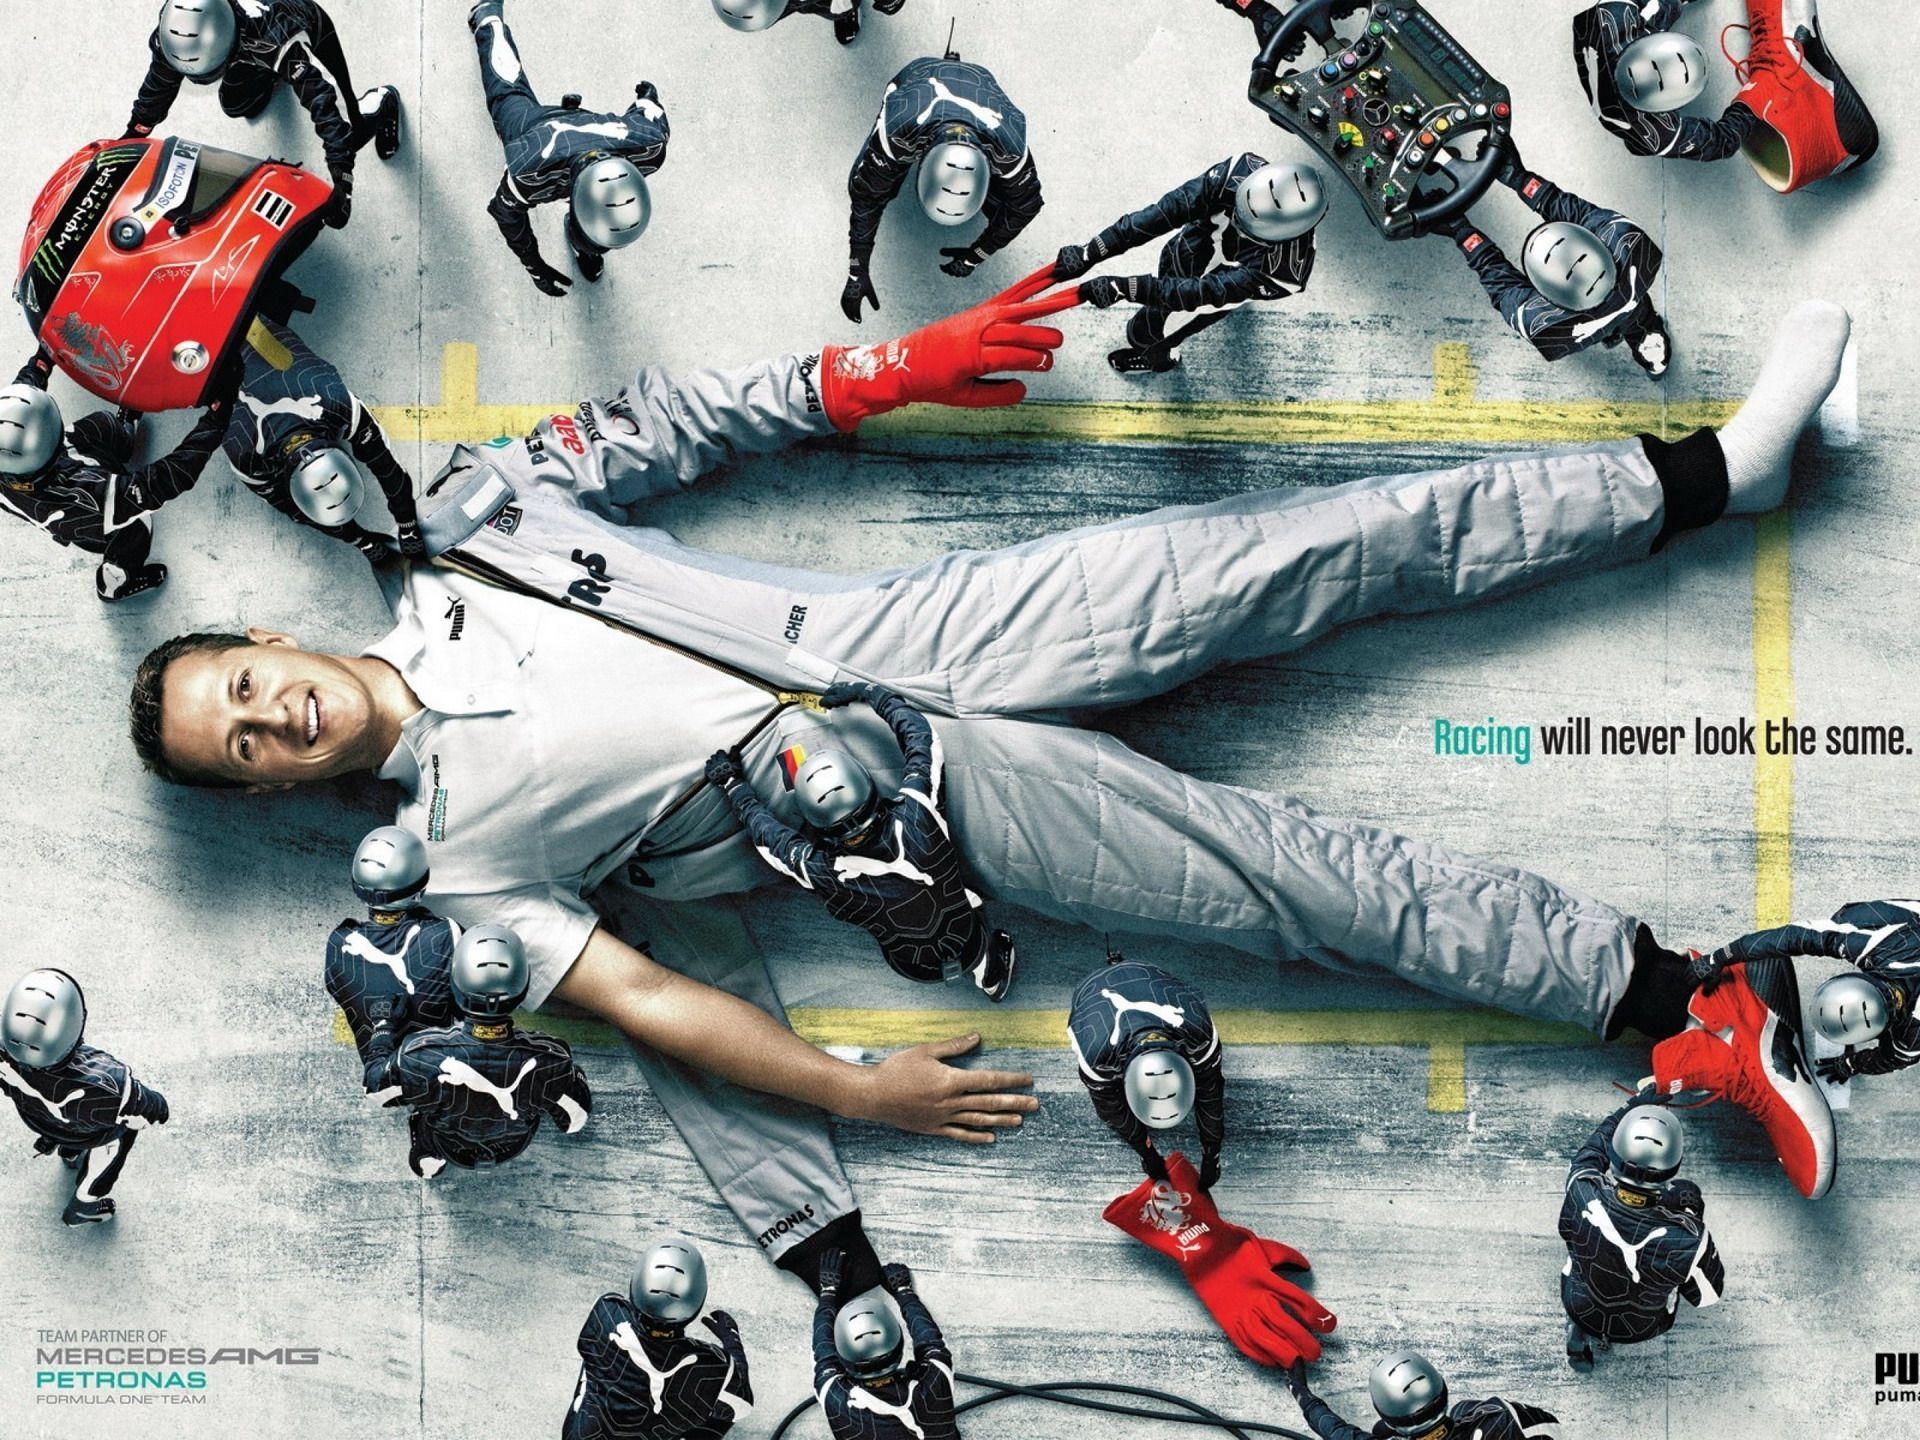 Publicidad de Puma para Mercedes GP, genial ...